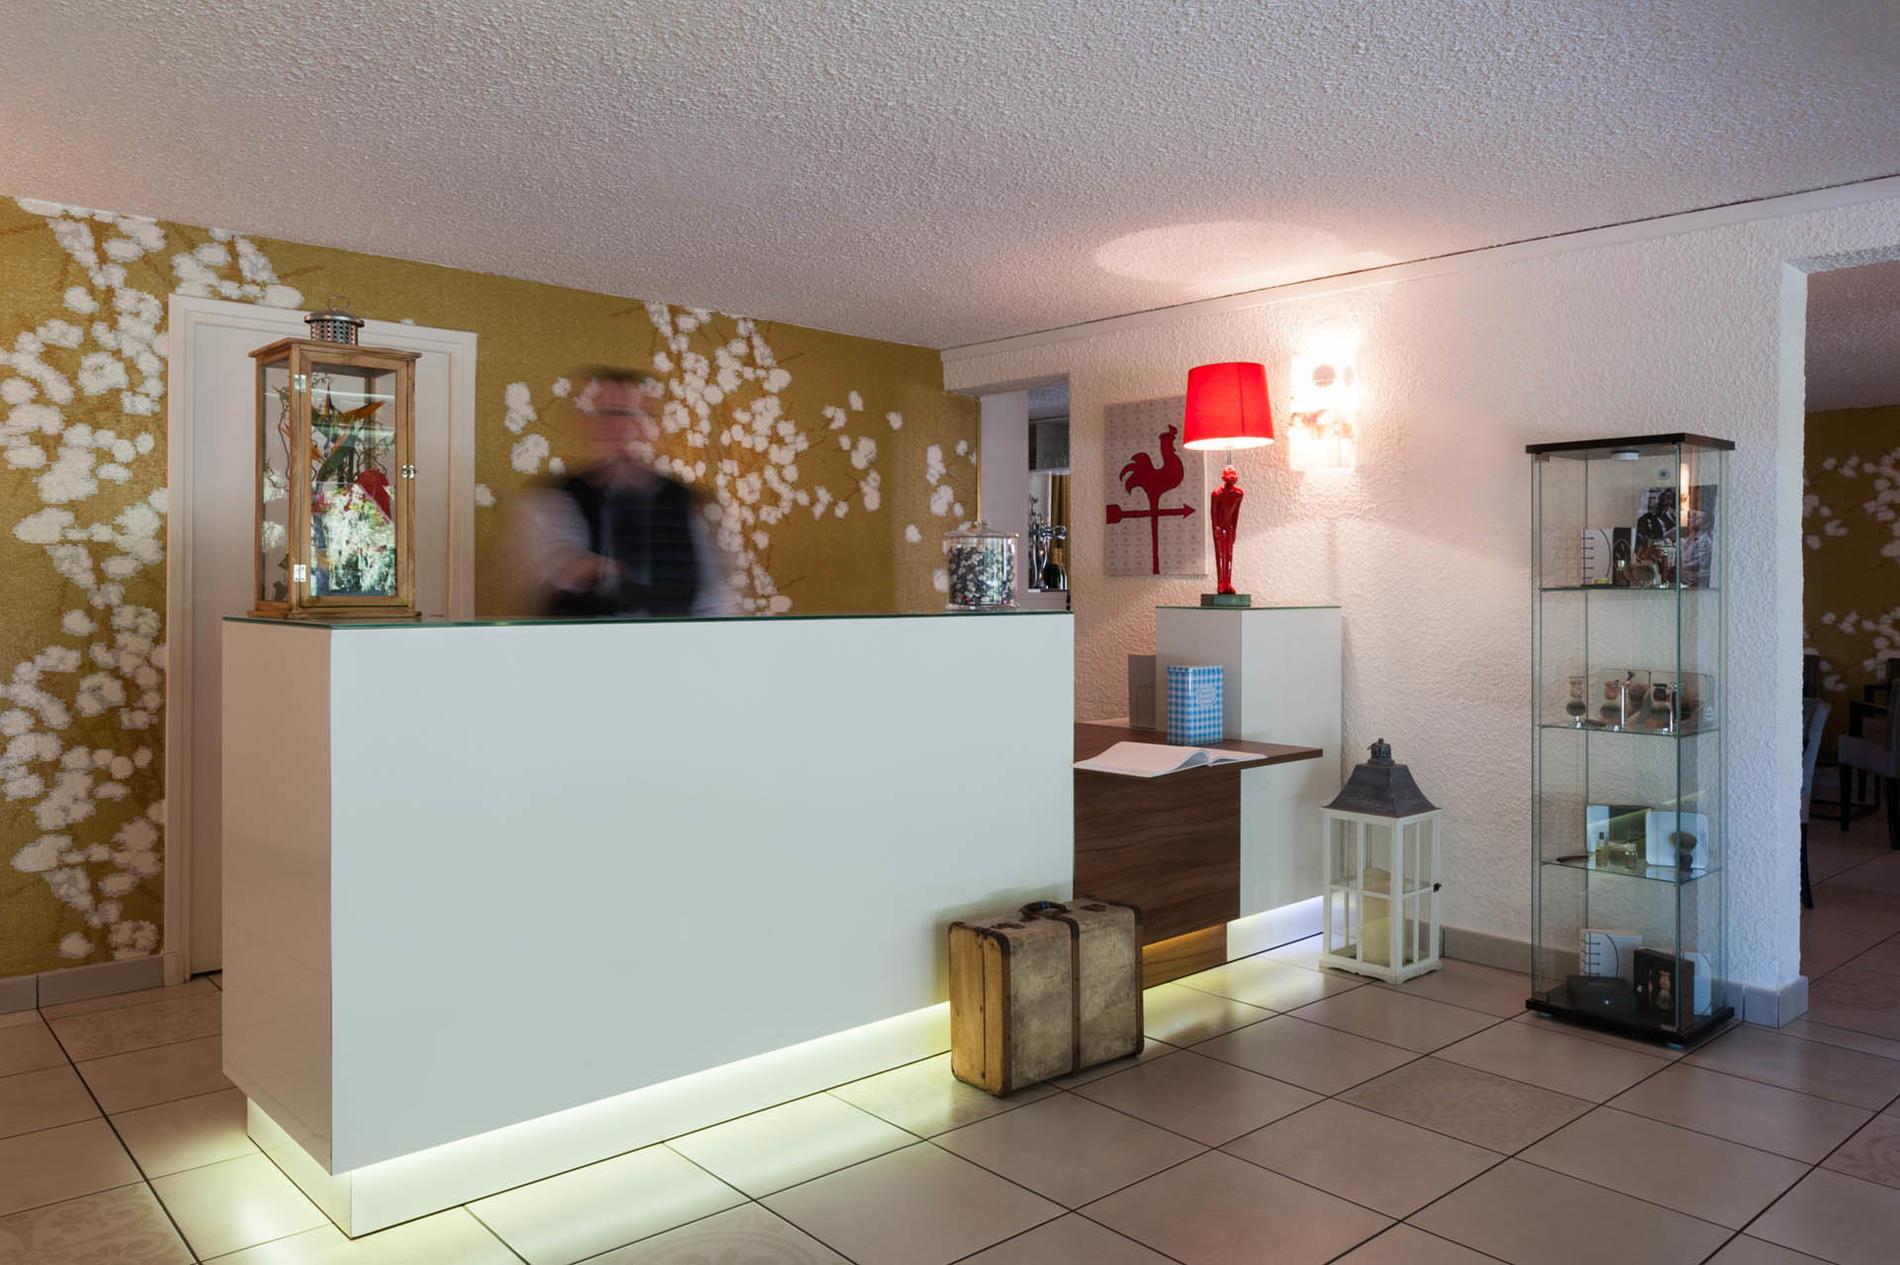 réception de l'hôtel Clos St Elois, The Originals Relais